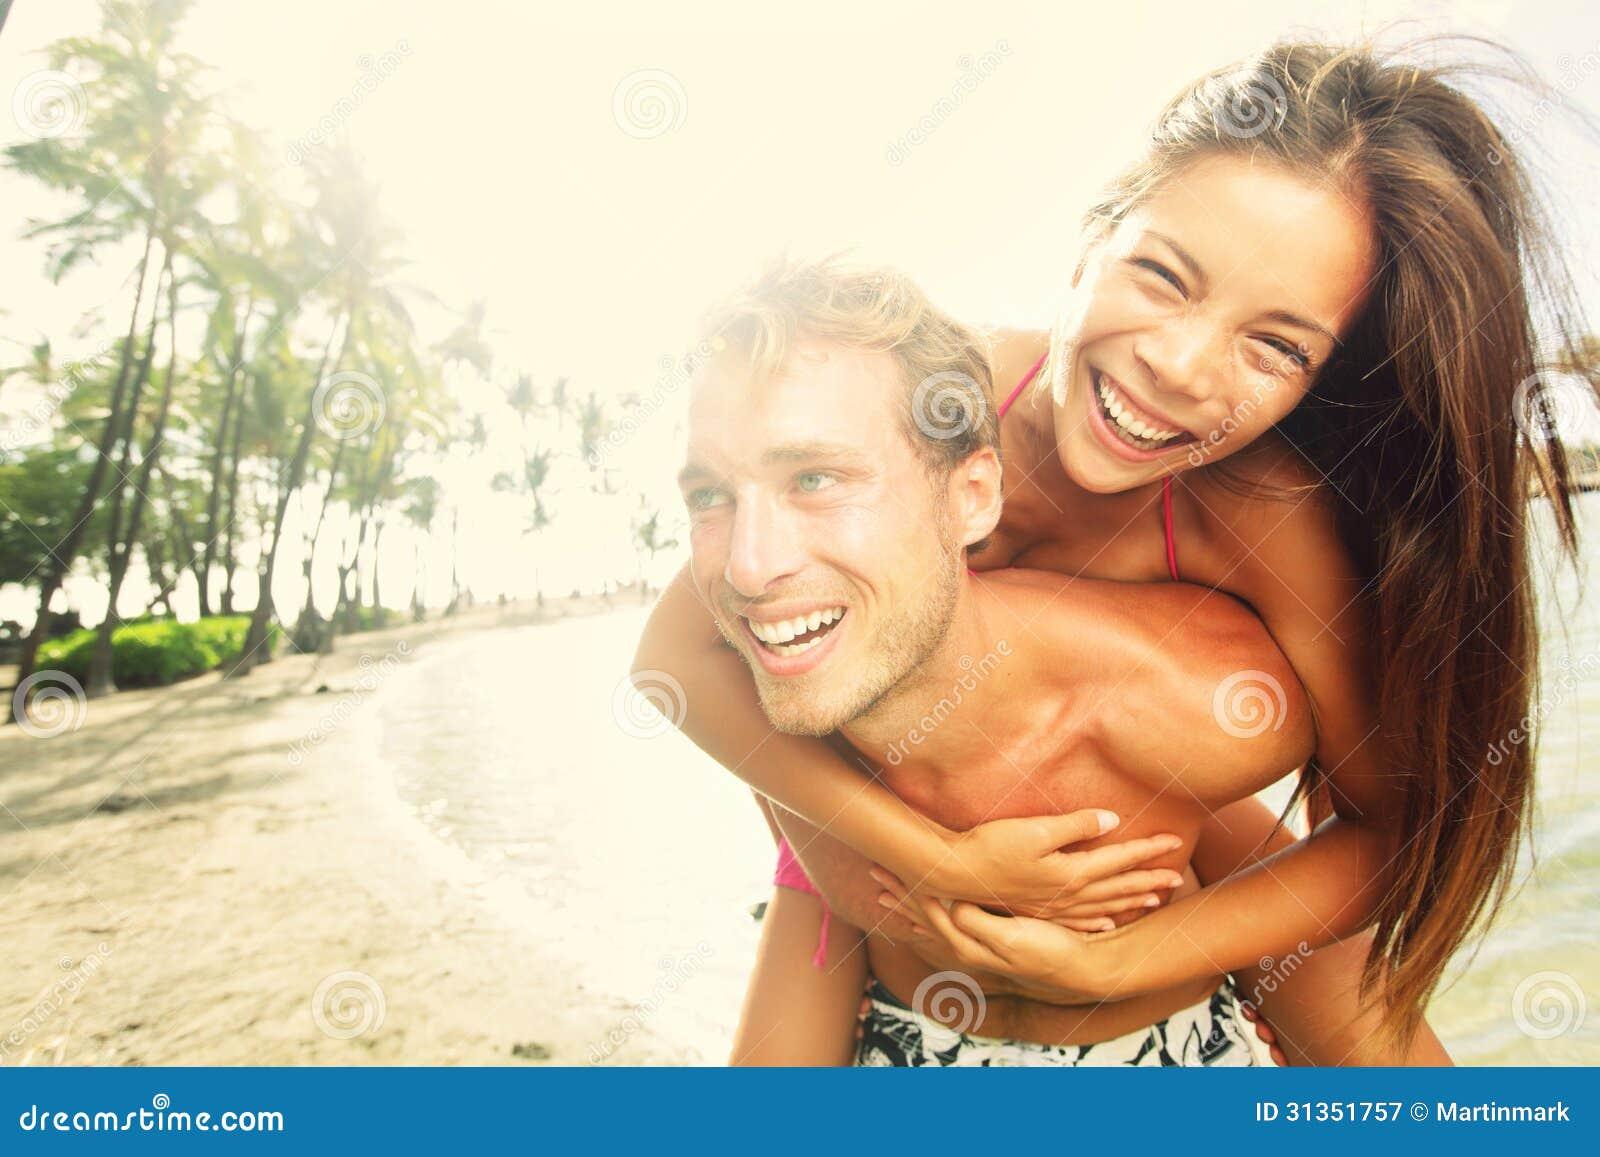 Happy young joyful couple beach fun laughing